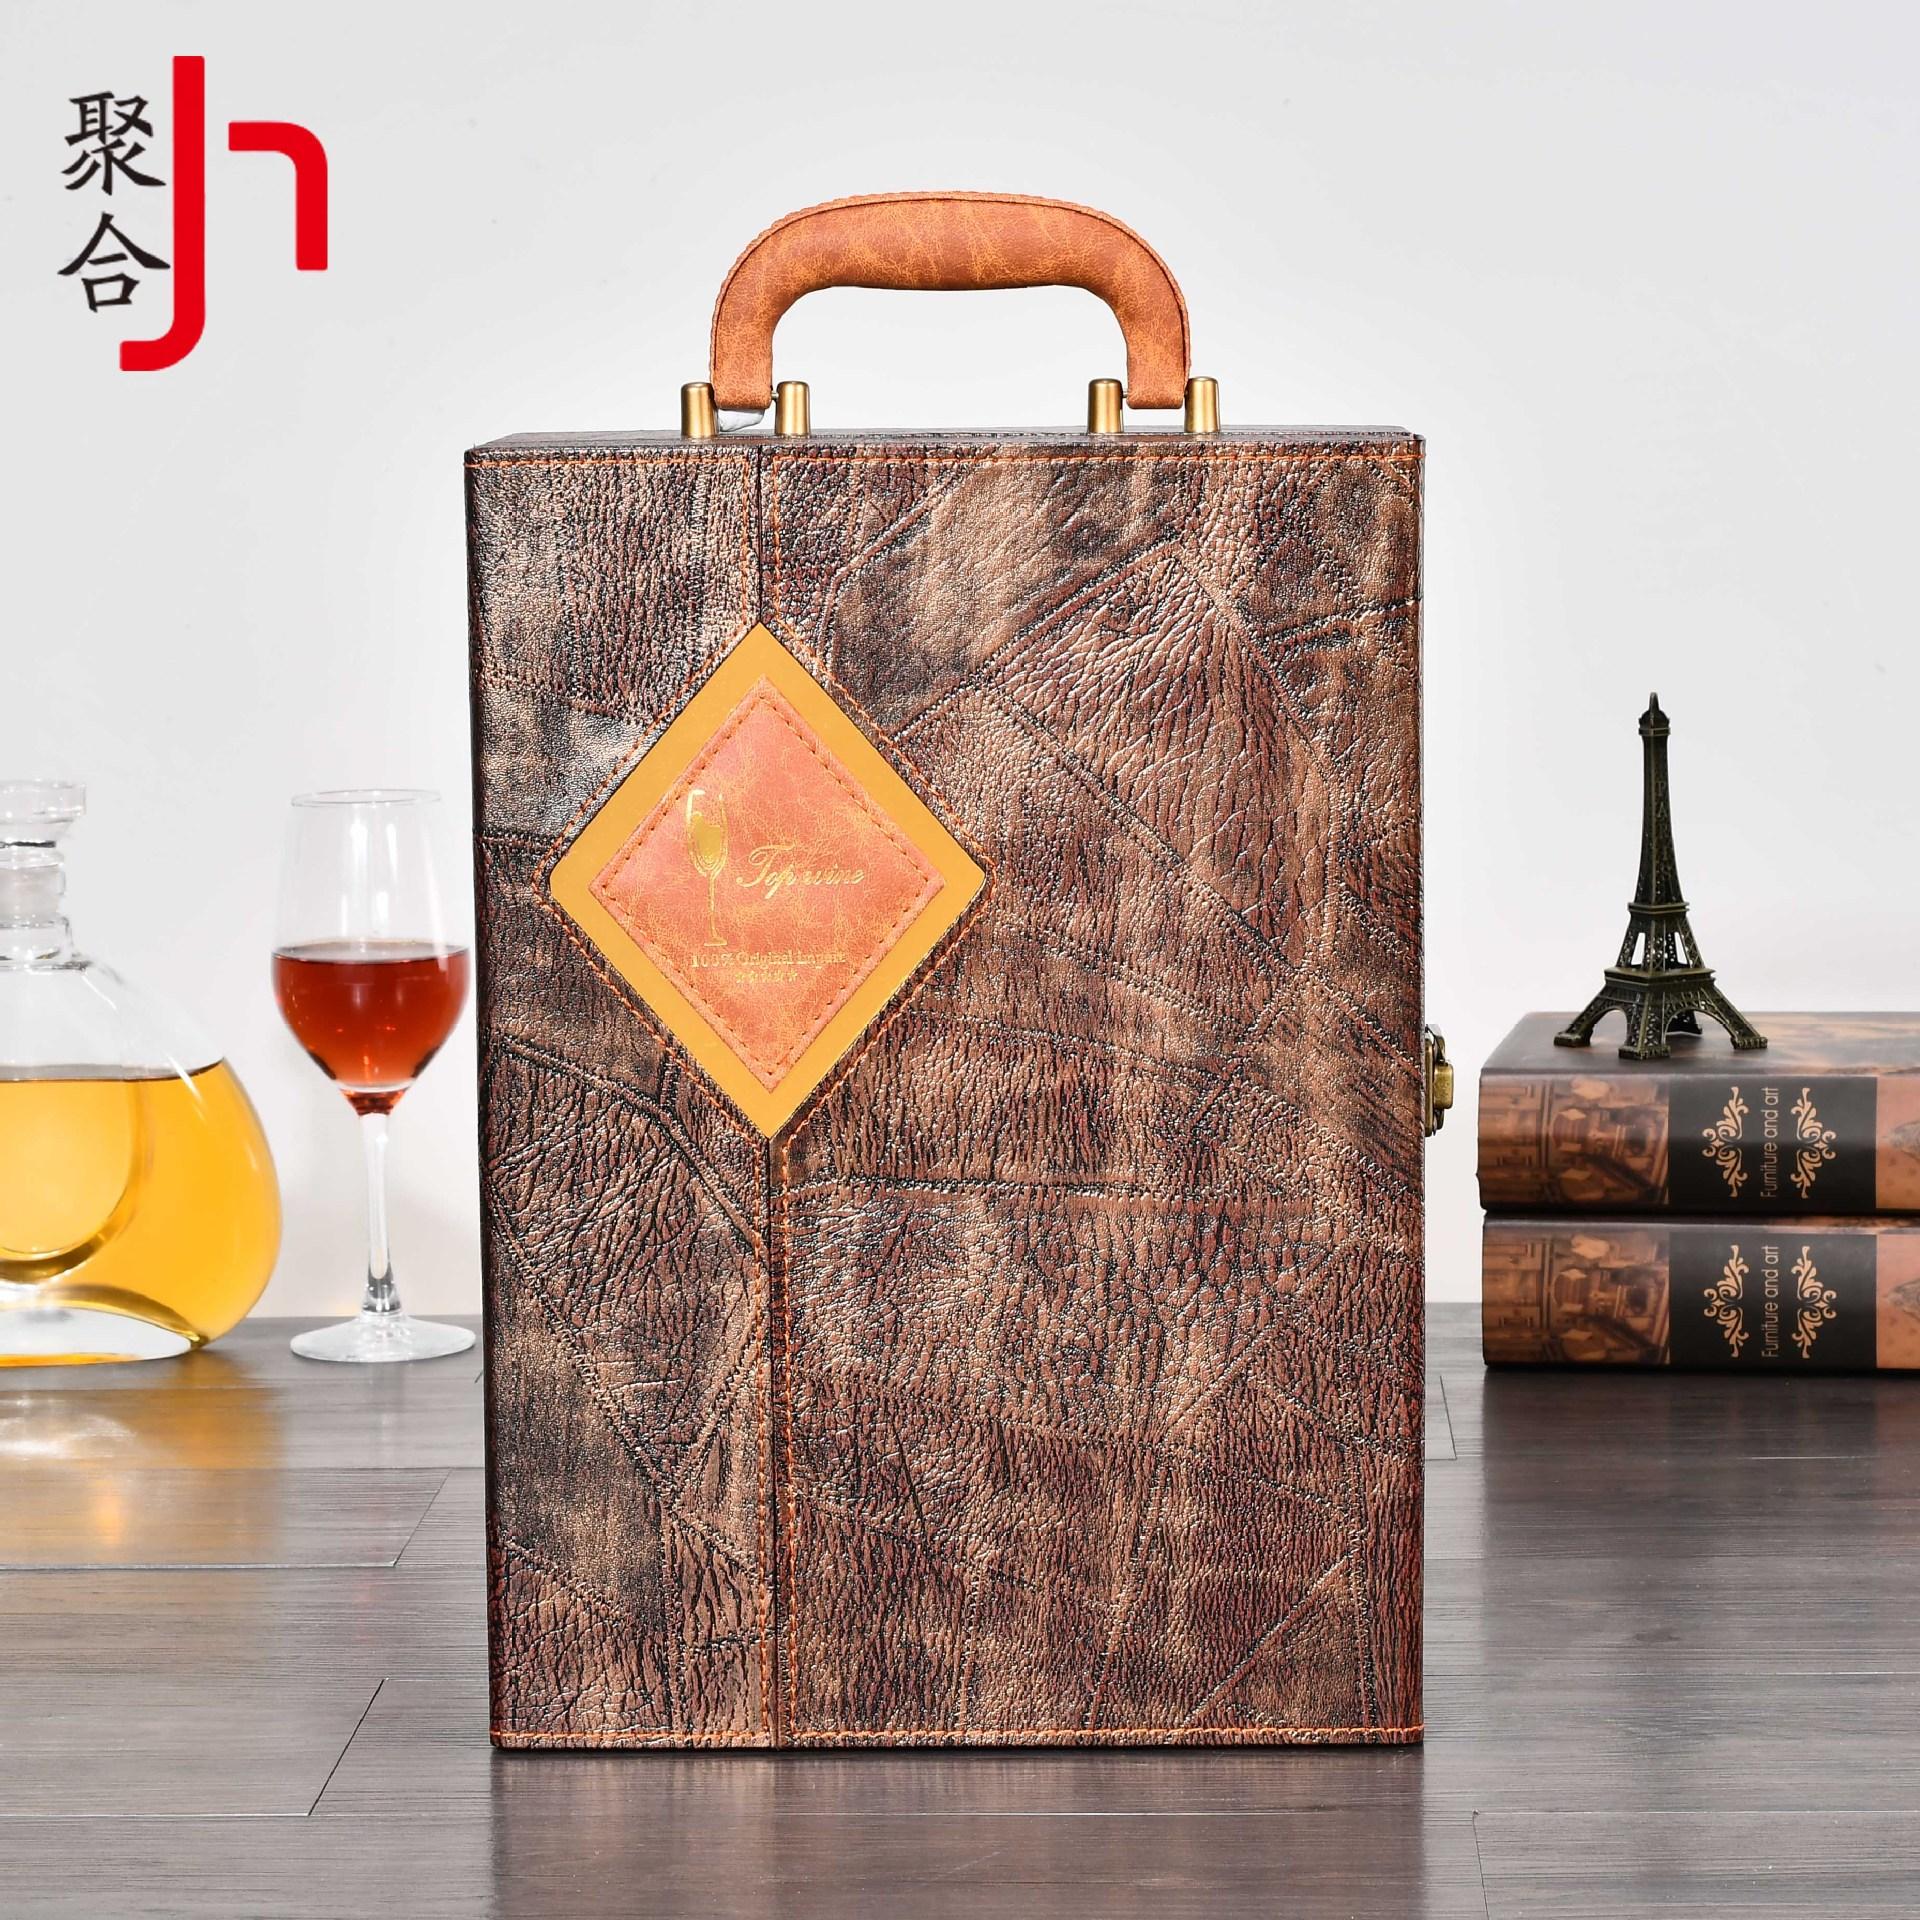 Hộp da Polyme hóa Mới đôi retro mở rộng hộp da rượu vang cao cấp Bao bì rượu vang hộp quà tặng đóng